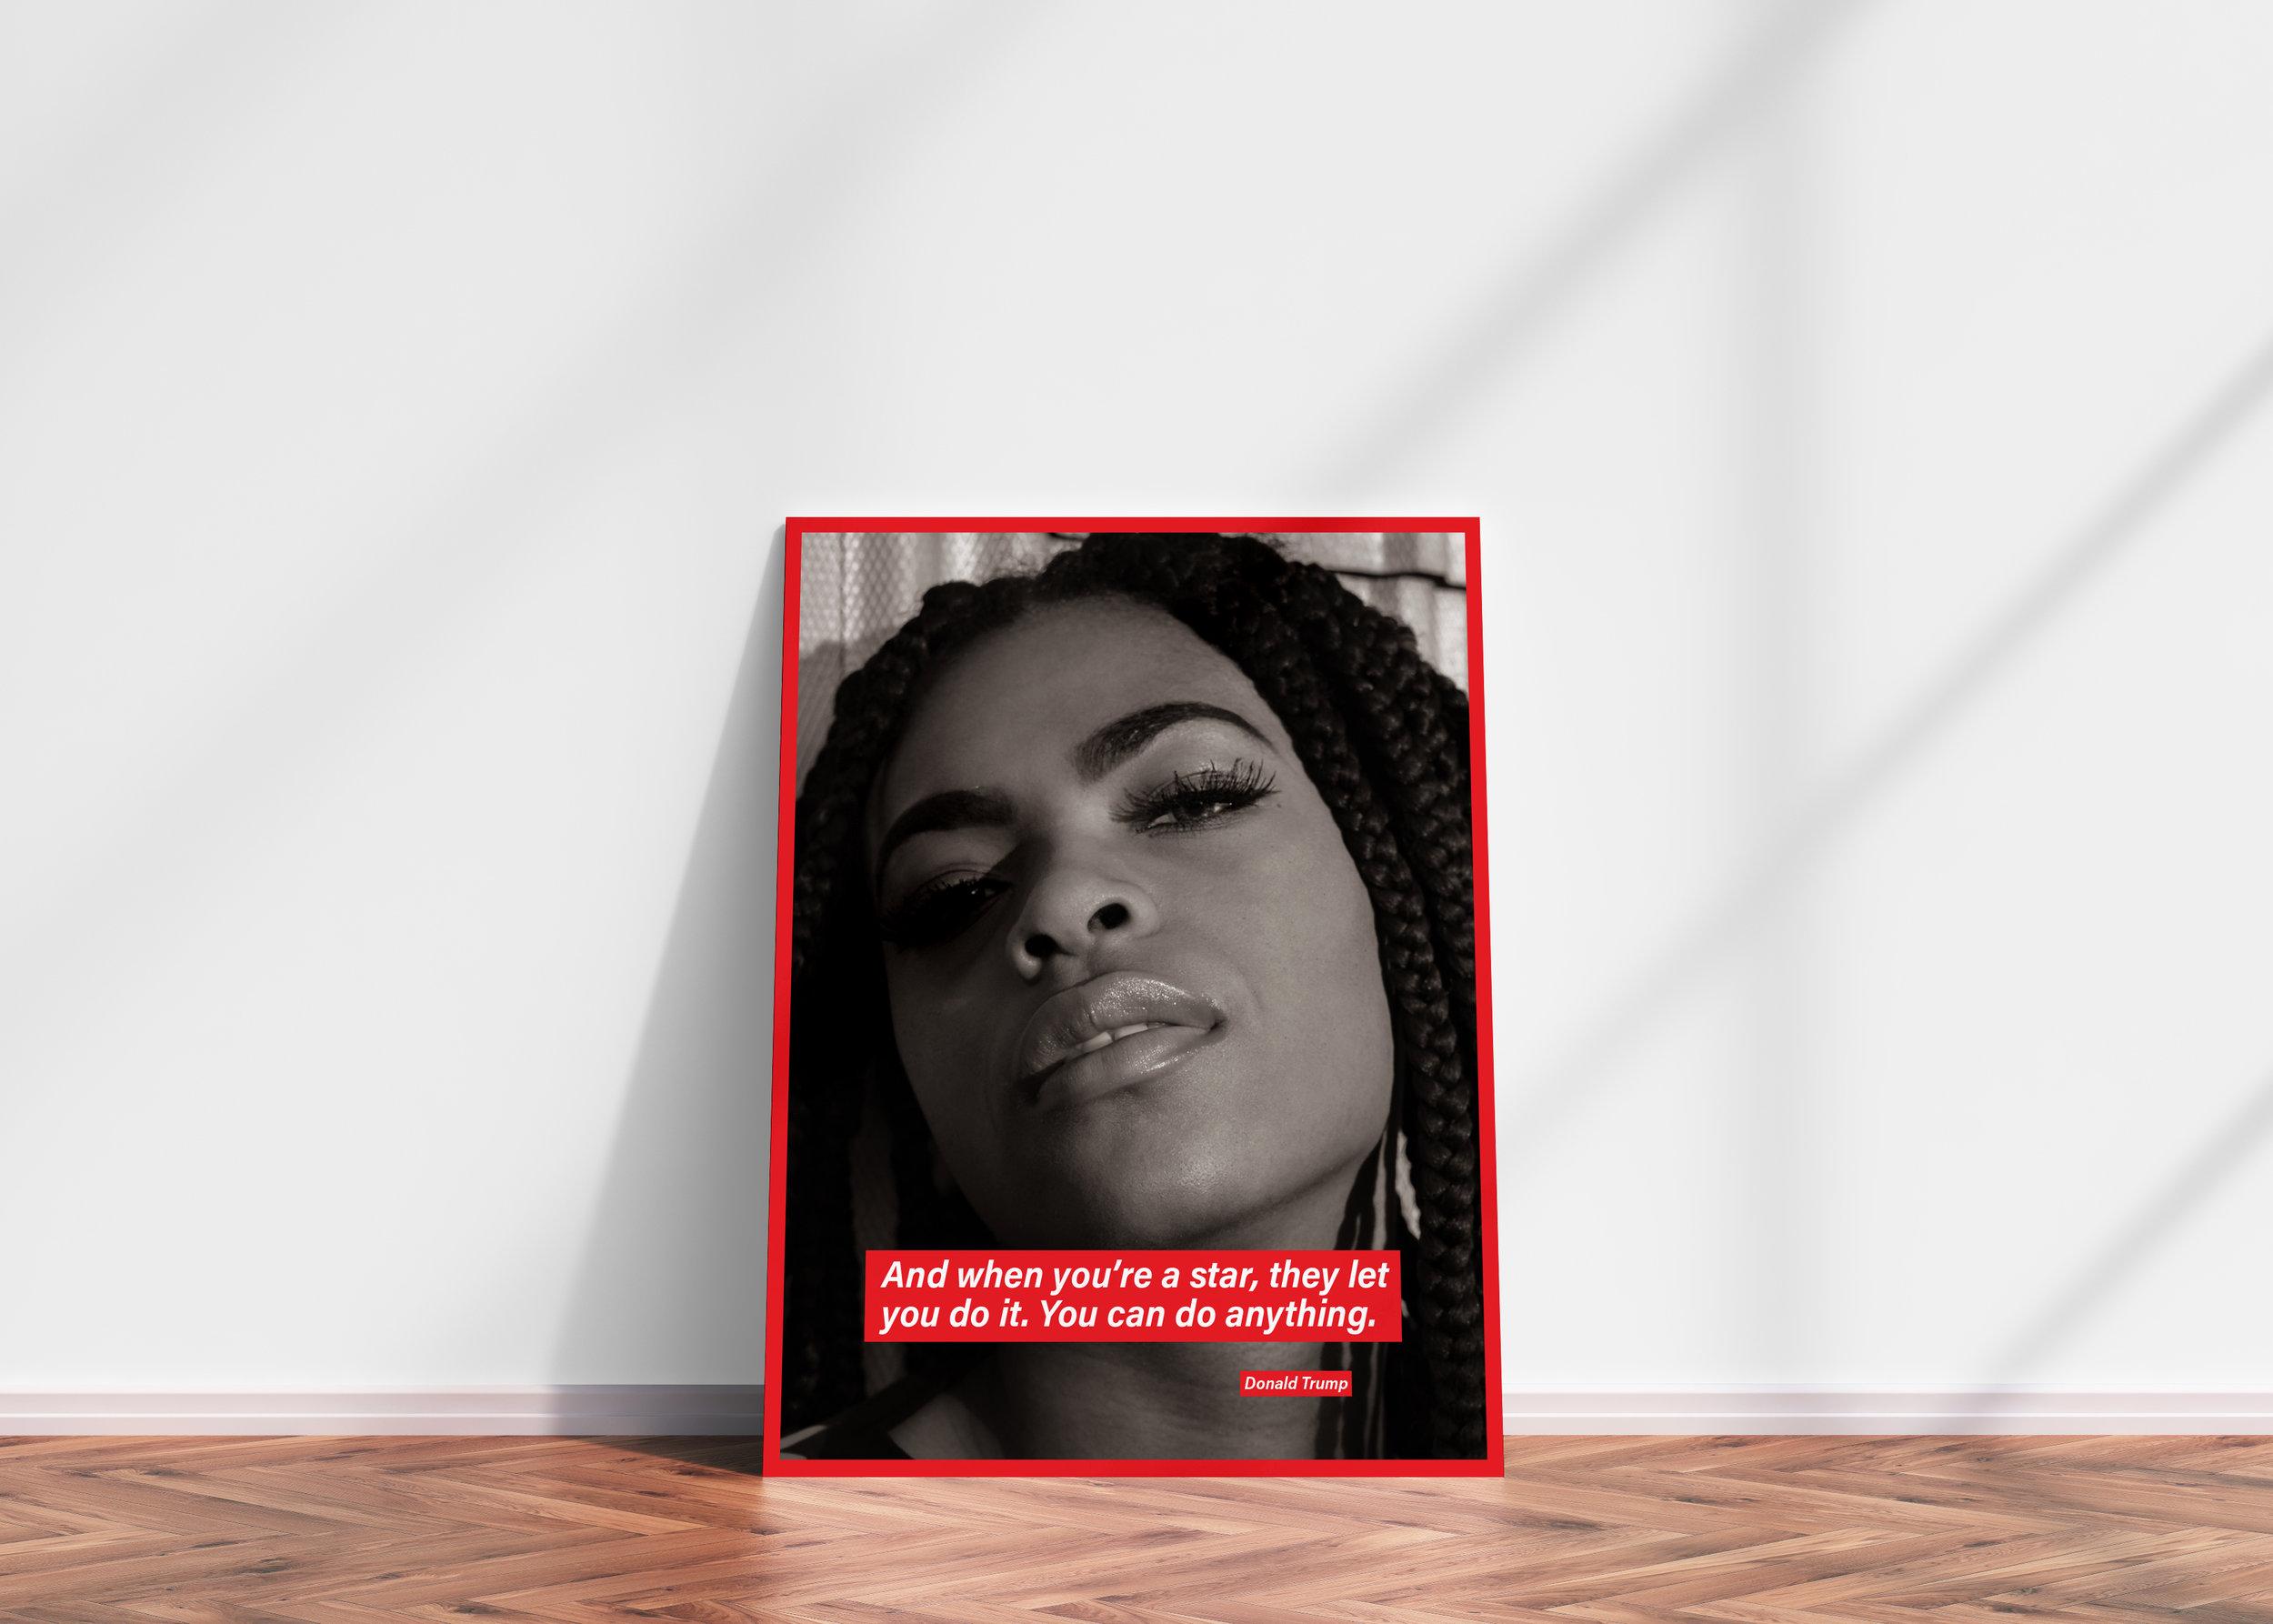 Poster006.jpg